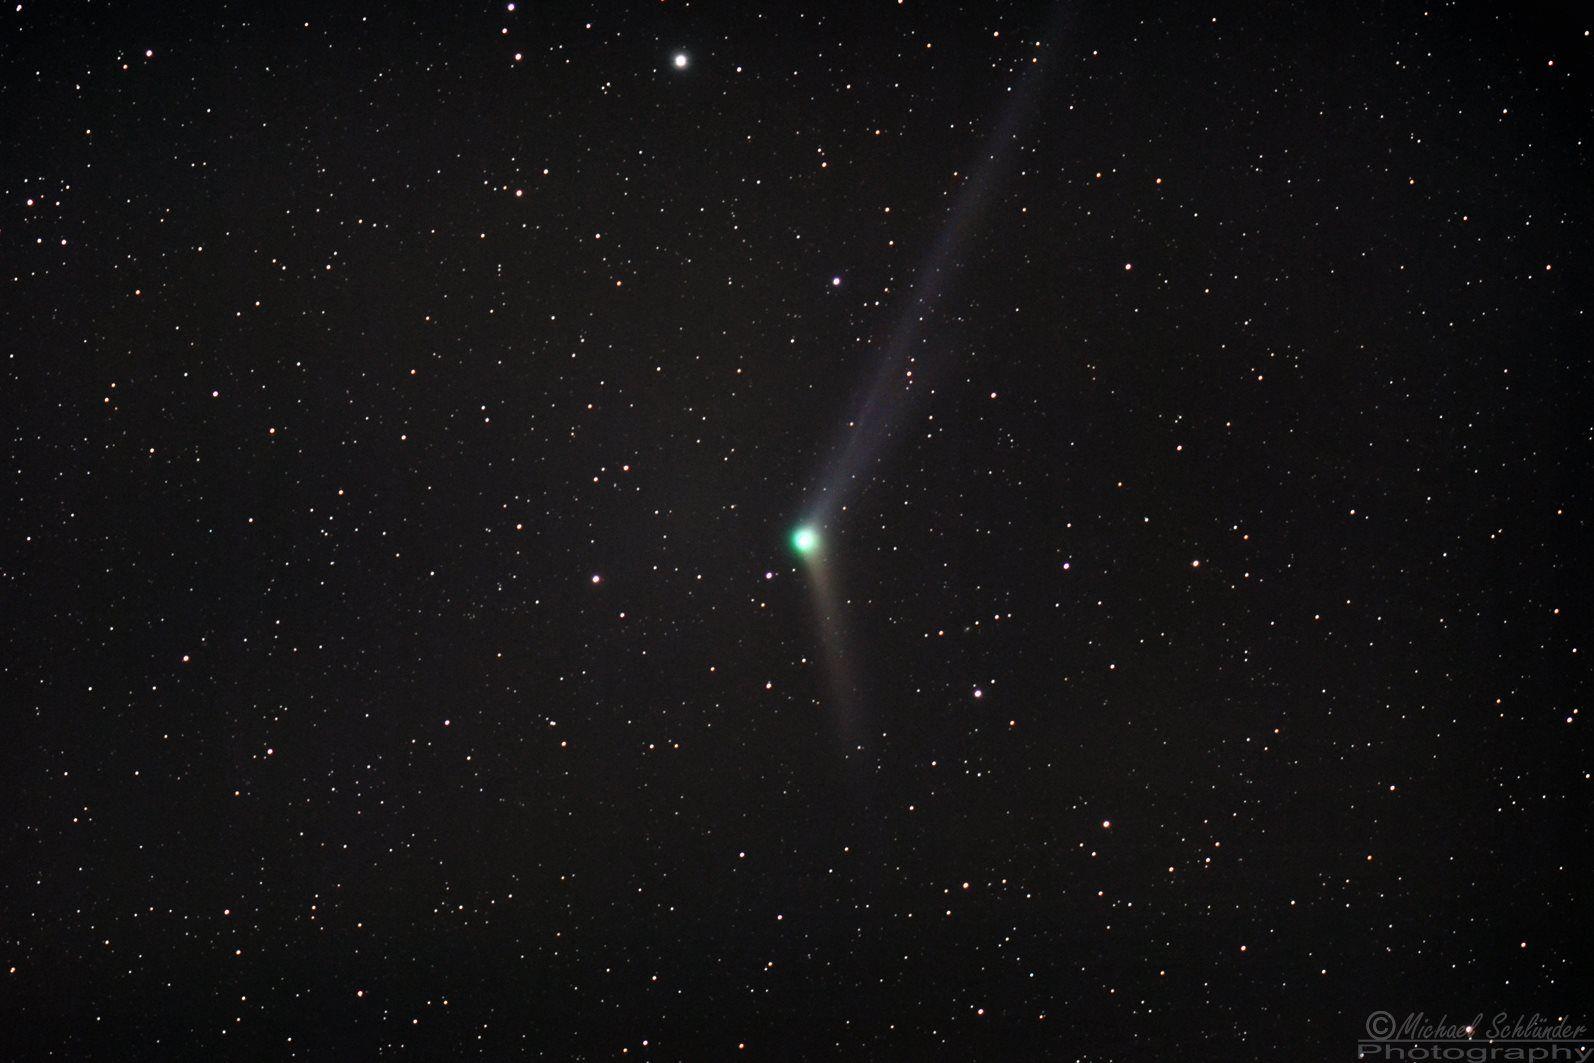 Komet C/2103 US10 Catalina aufgenommen am 08.12.2015